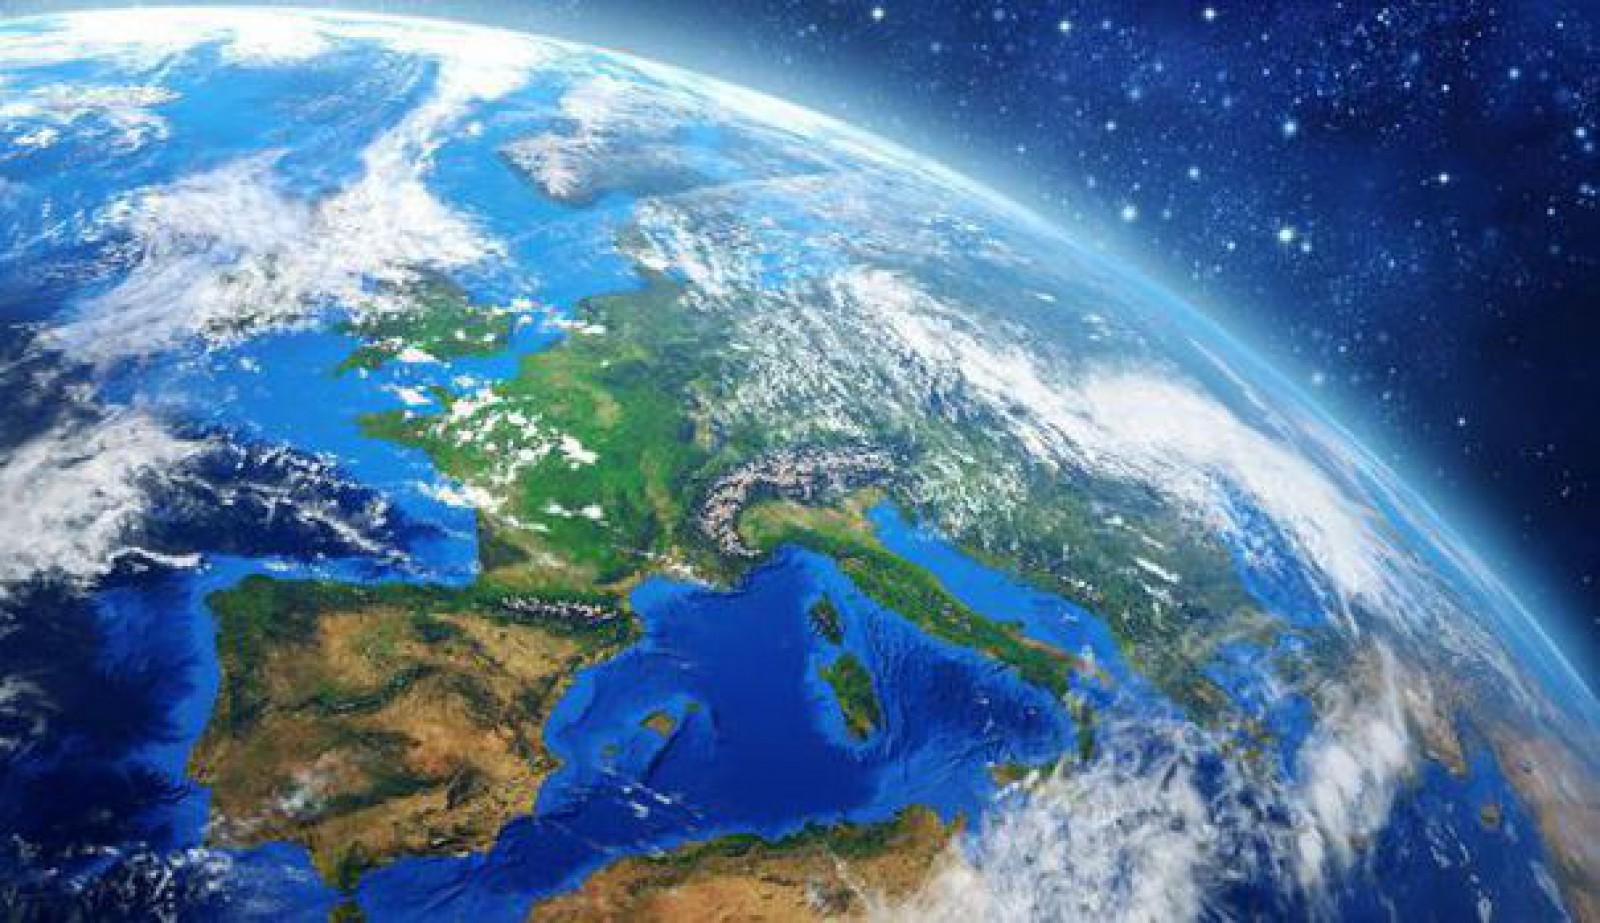 Fenomenul alarmant care ar putea afecta vremea din Europa. Ce se întâmplă cu unul dintre cei mai importanţi curenţi oceanici de pe glob